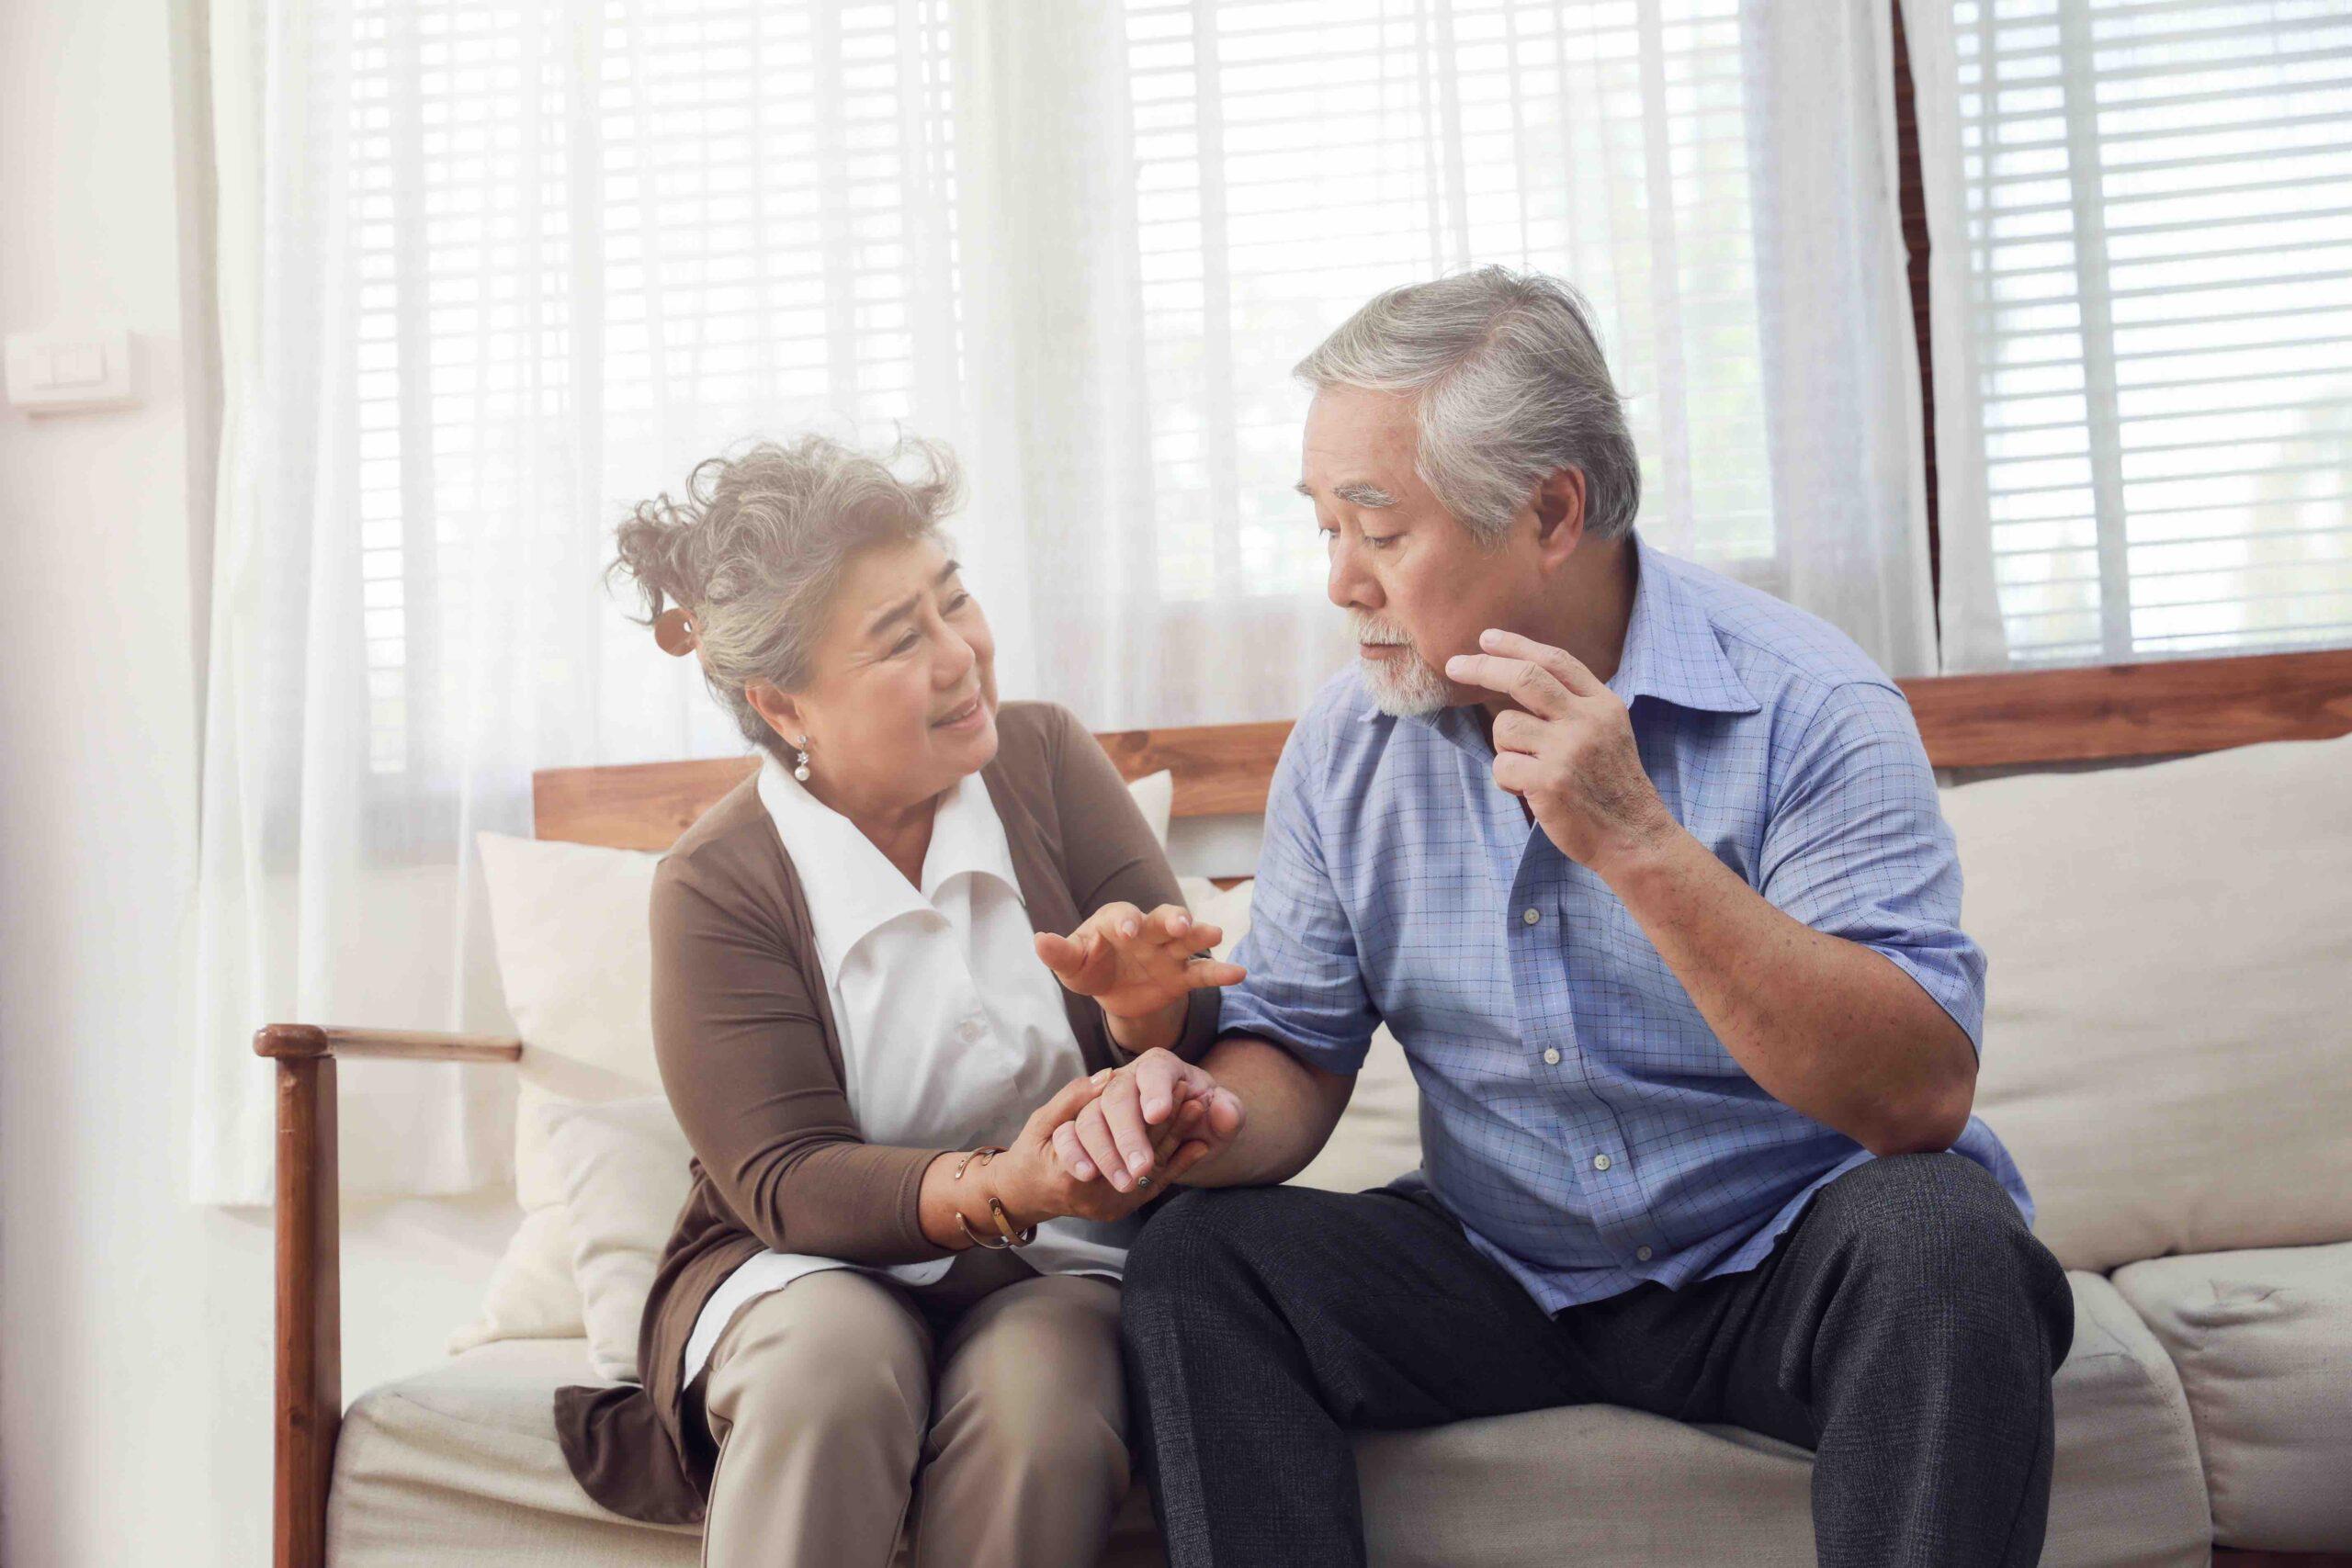 Five Facts for Understanding Dementia Caregiving